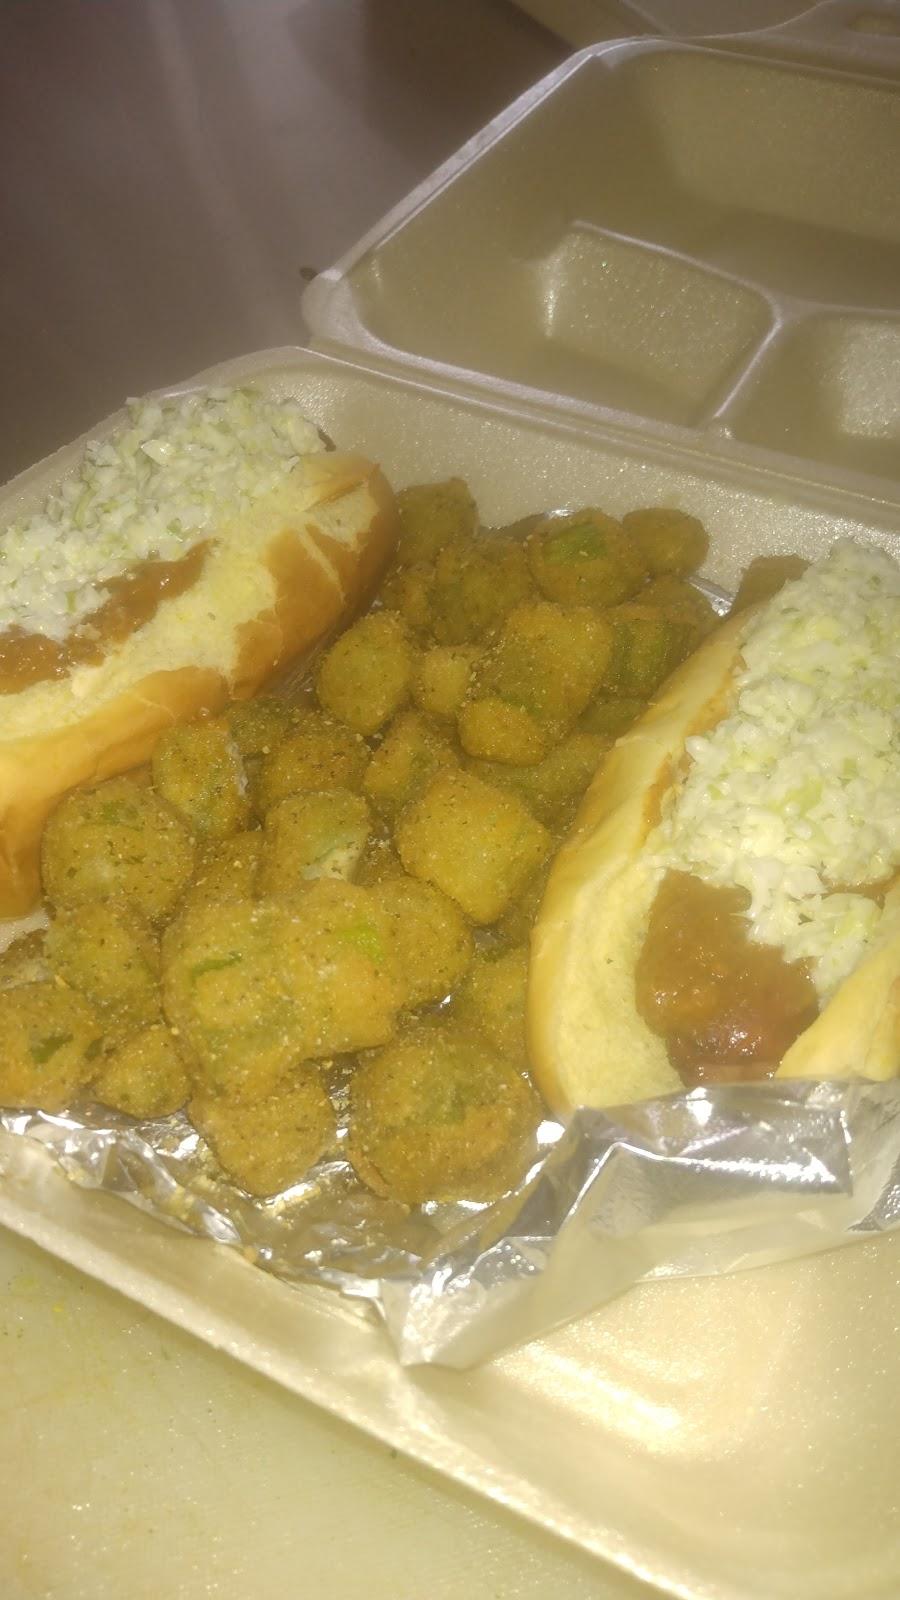 The Don's Kitchen LLC   restaurant   4441 The Plaza, Charlotte, NC 28215, USA   9802303809 OR +1 980-230-3809